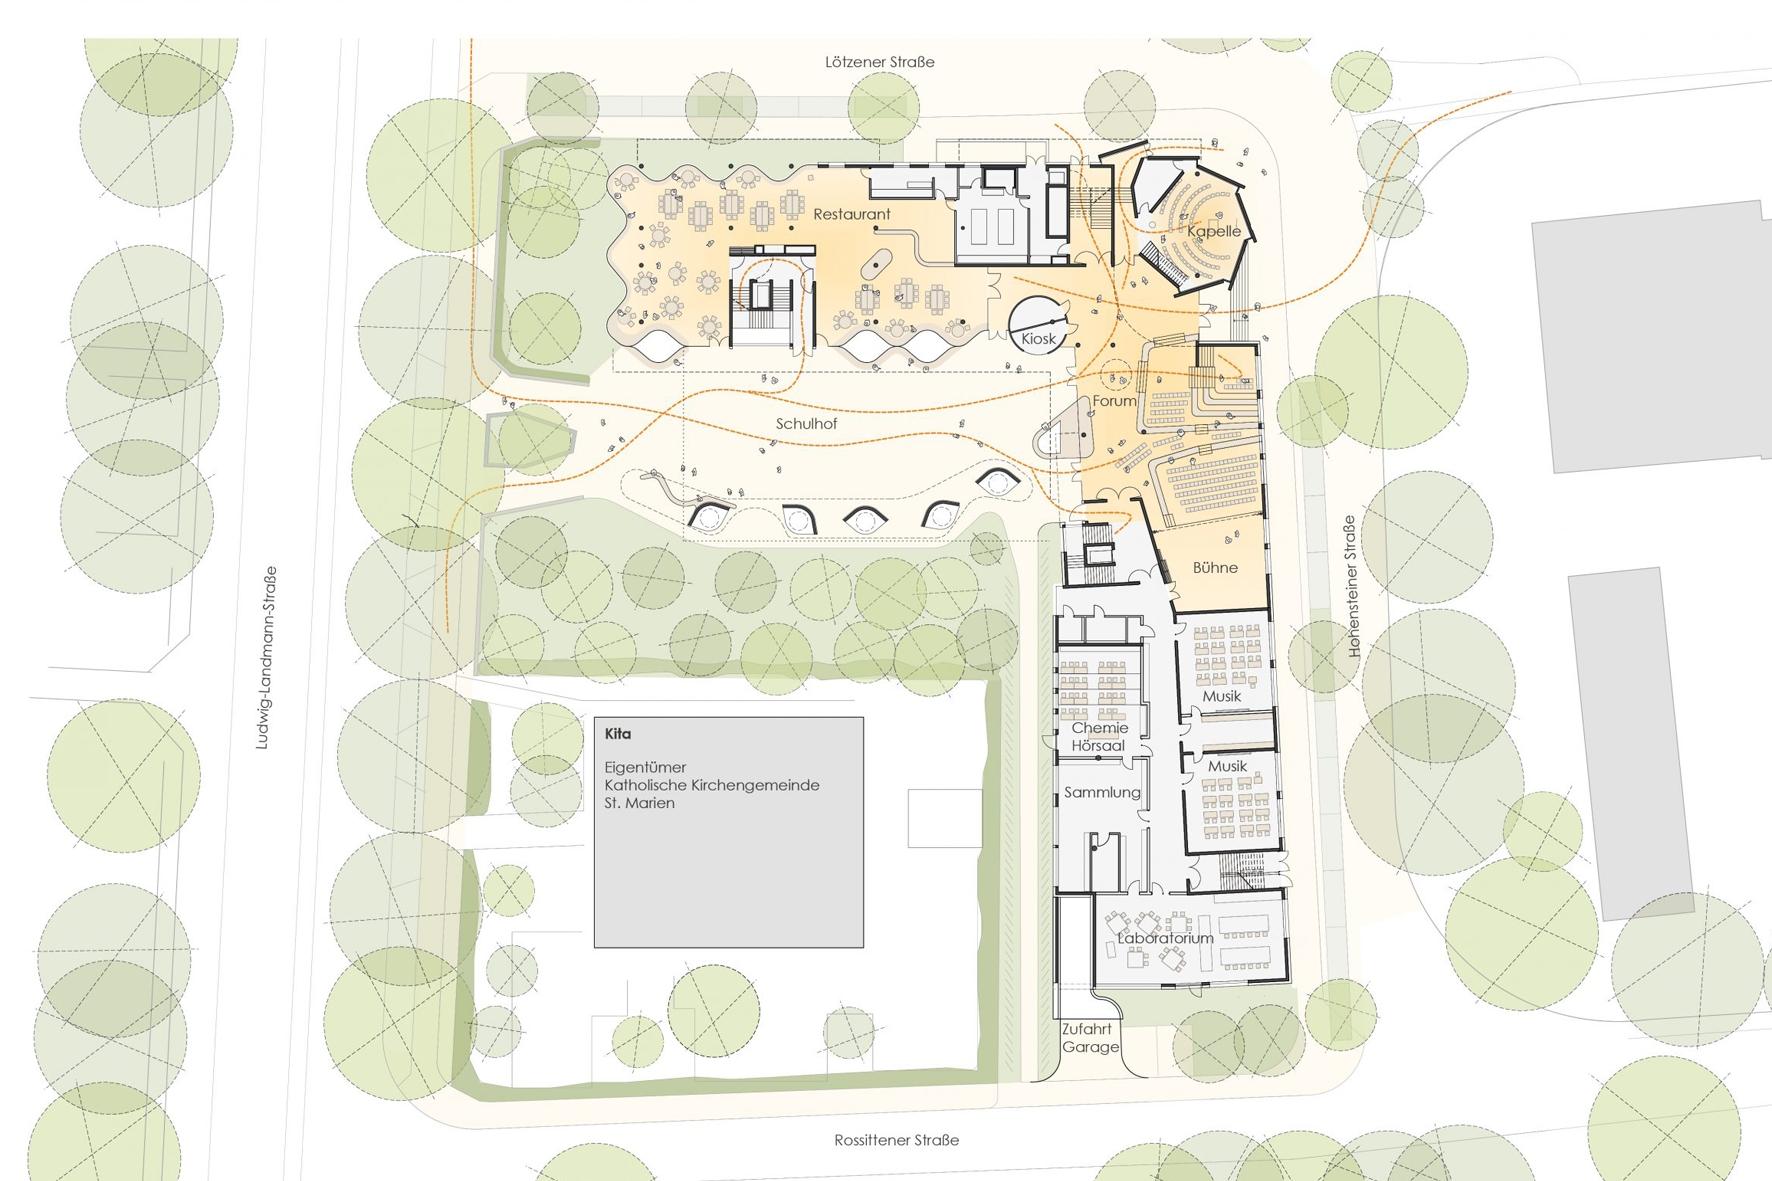 Bild: https://www.deutsches-architektur-forum.de/pics/schmittchen/sankt_raphael_schule_bockenheim.jpg